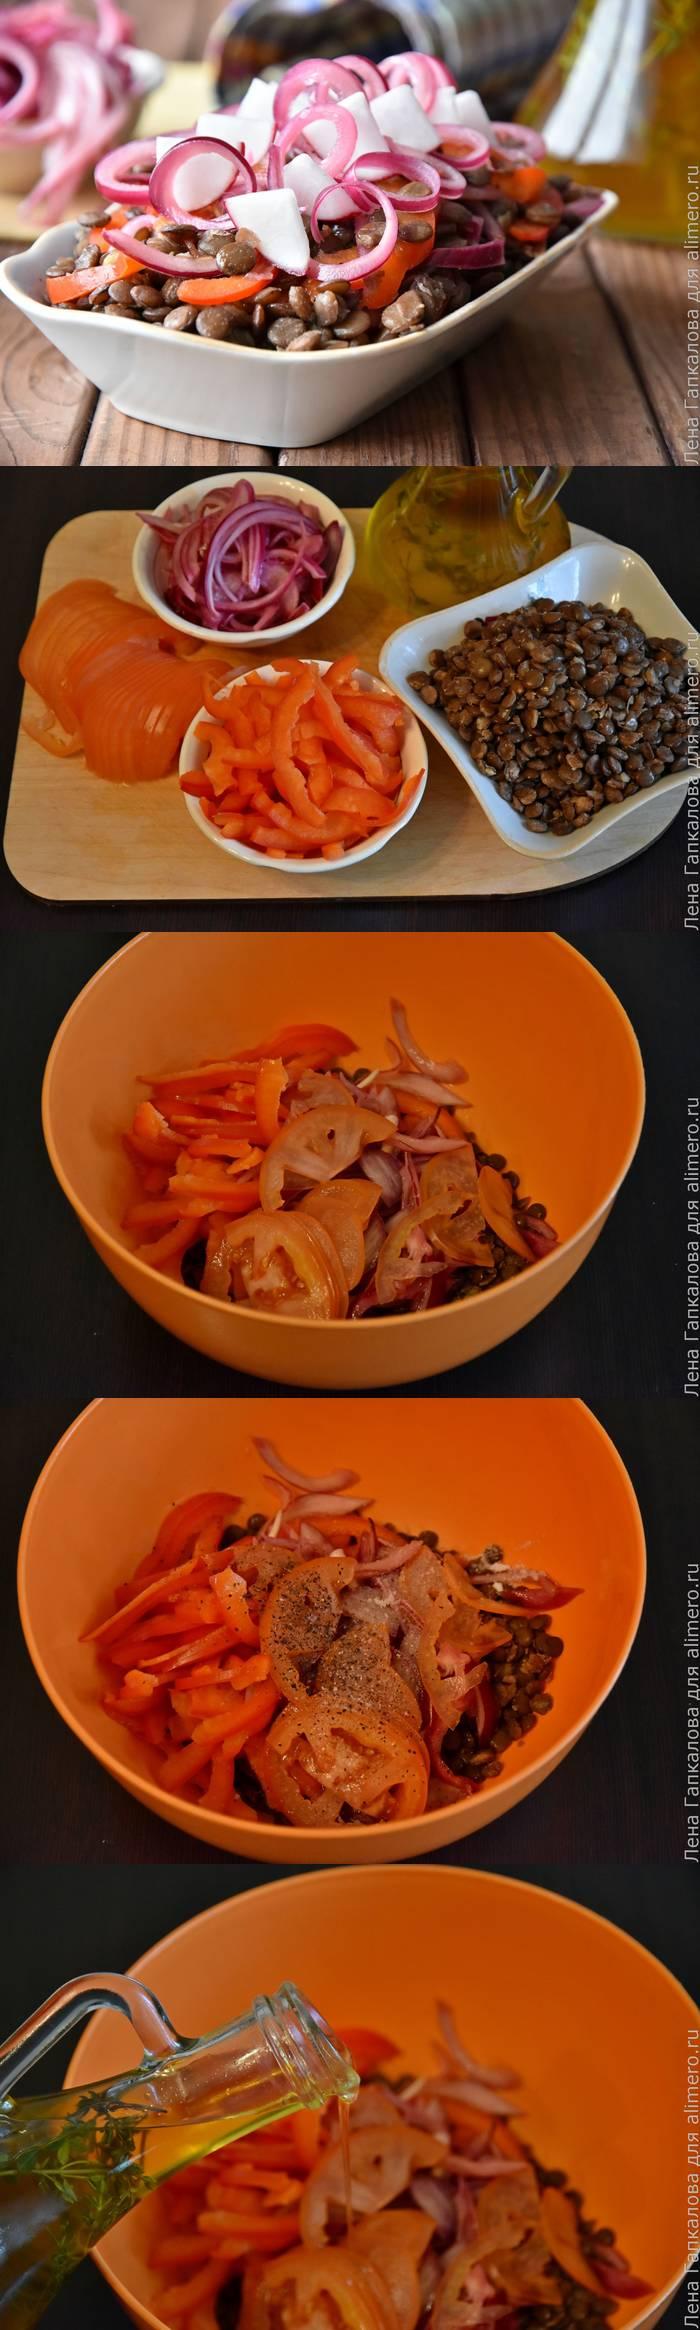 Полезный постный салат из чечевицы с маринованным луком